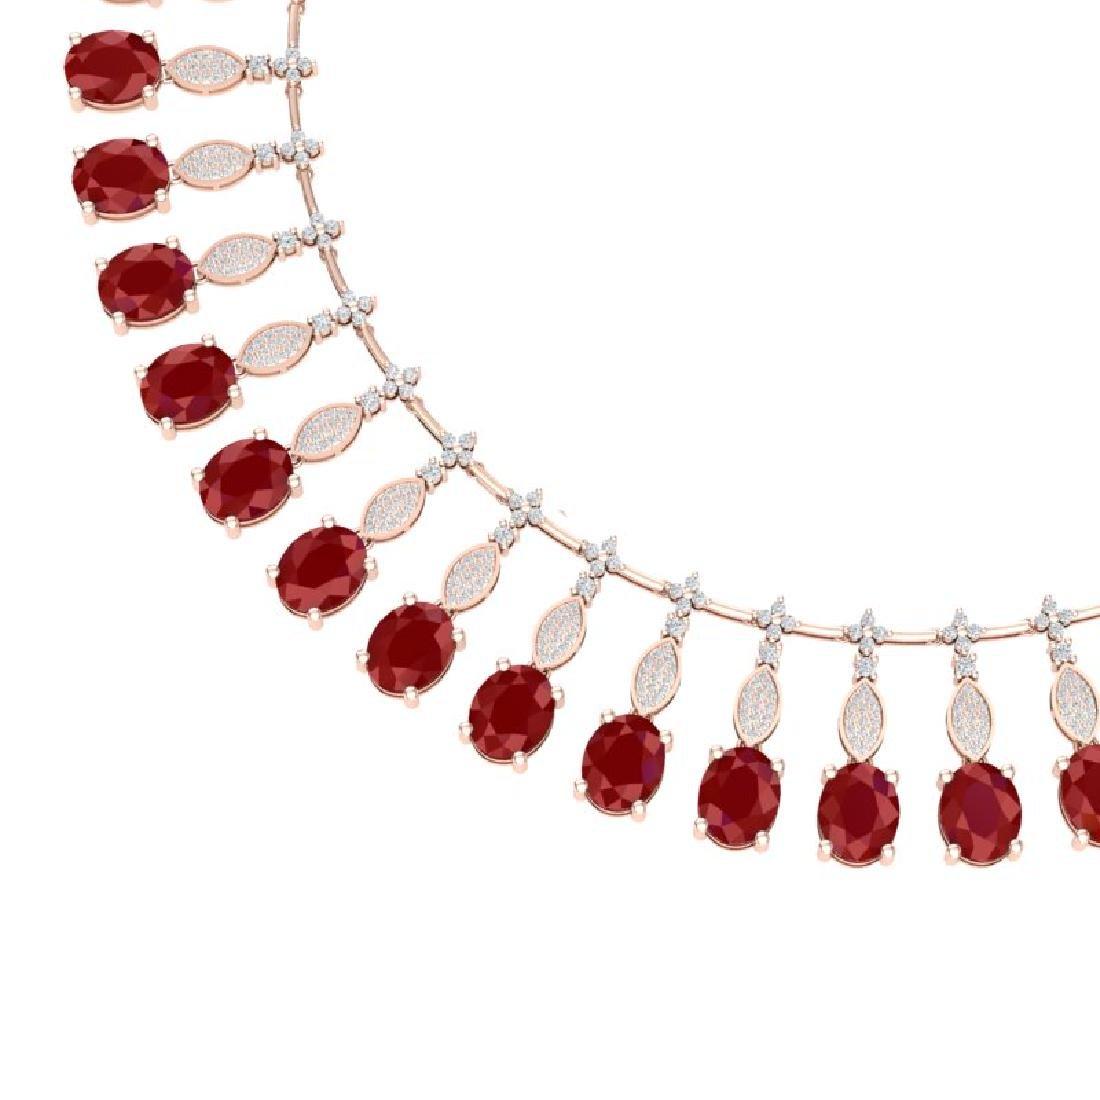 65.62 CTW Royalty Ruby & VS Diamond Necklace 18K Rose